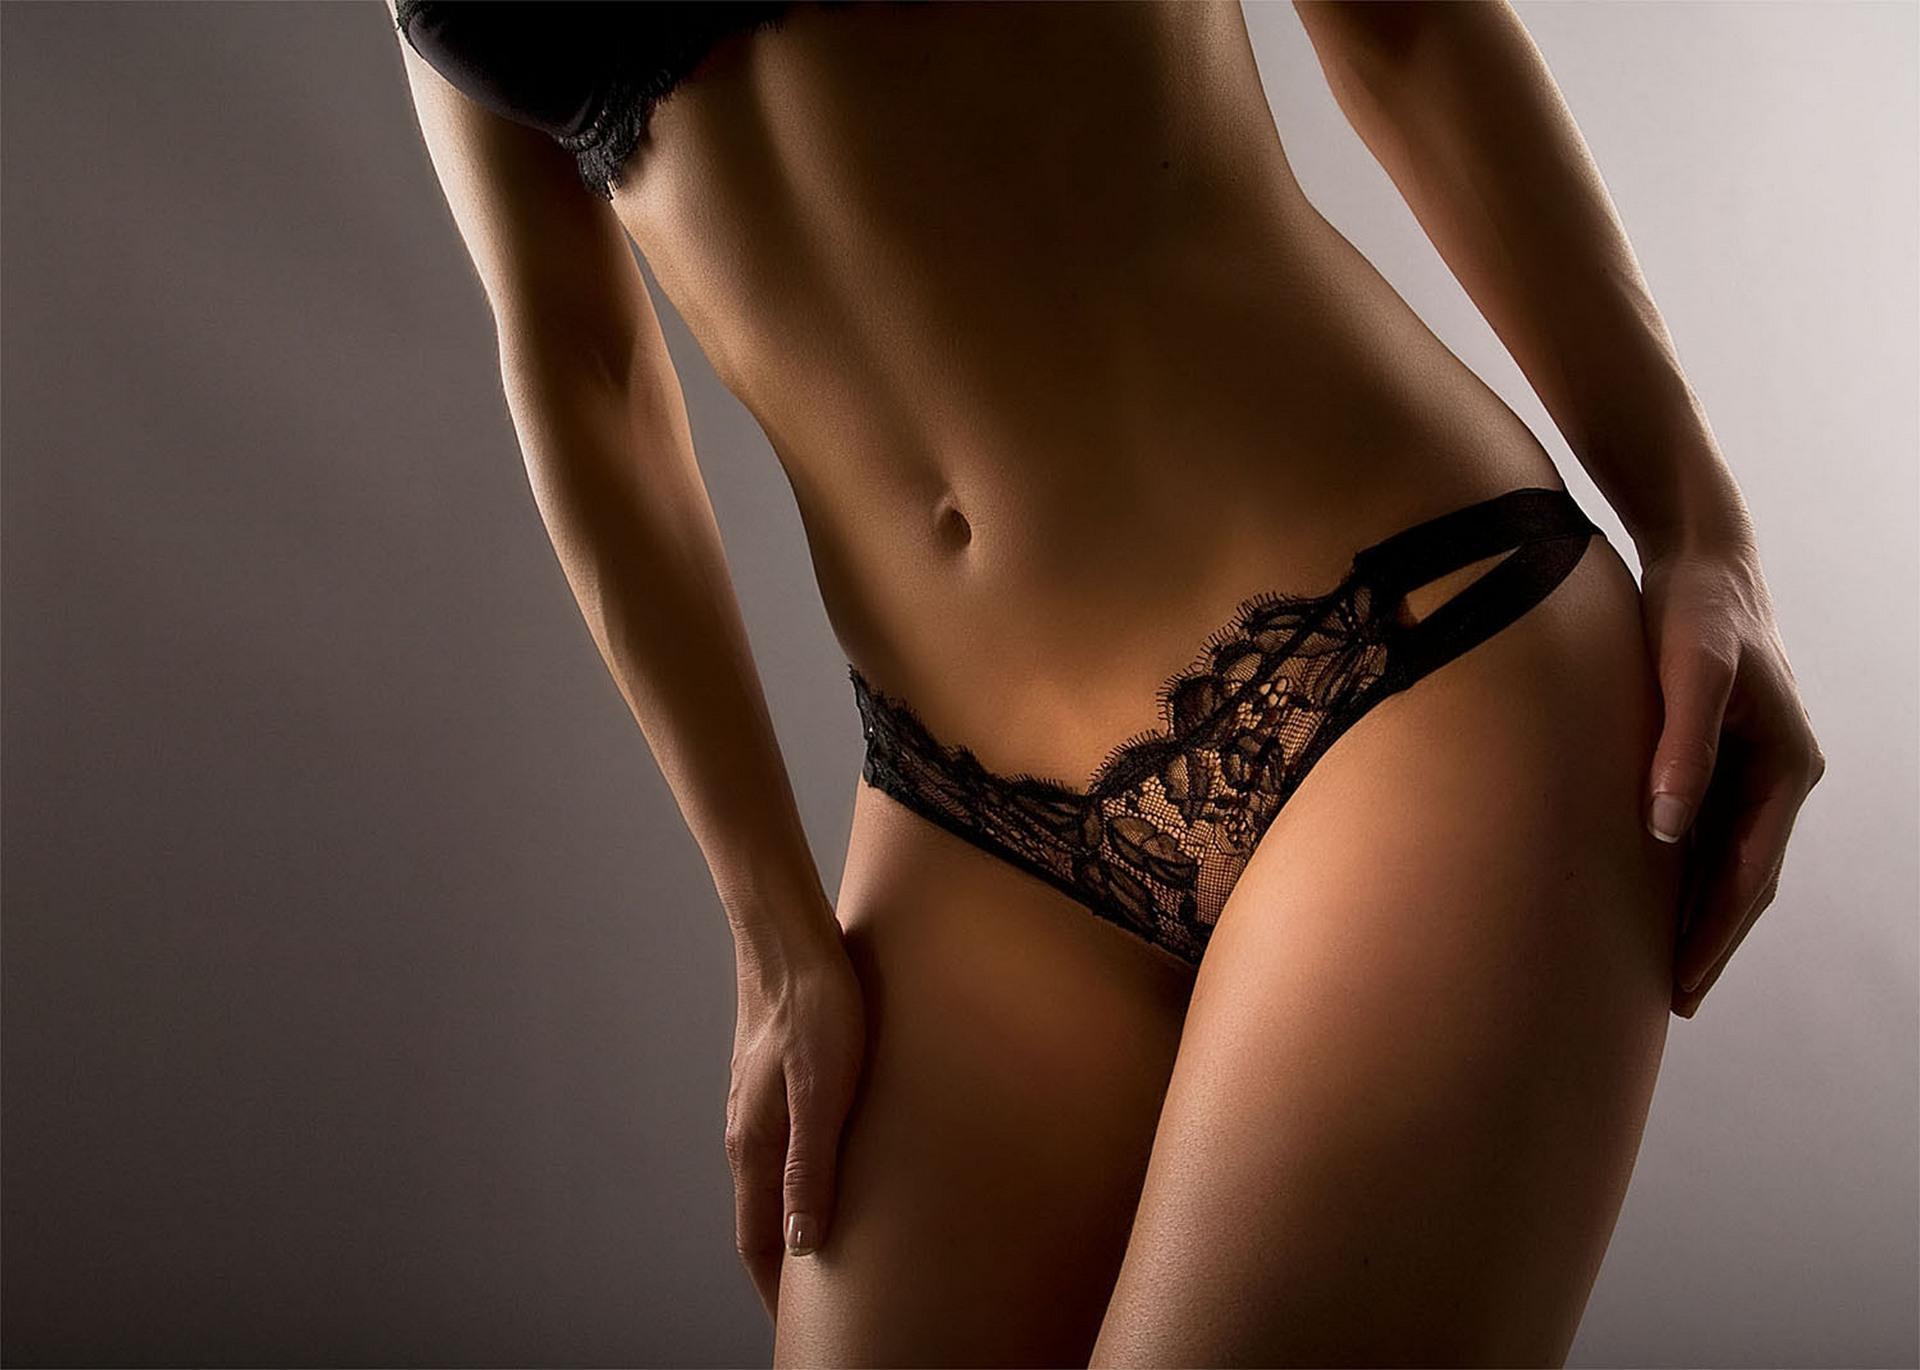 Бутончик женского тела фото блондинки порно